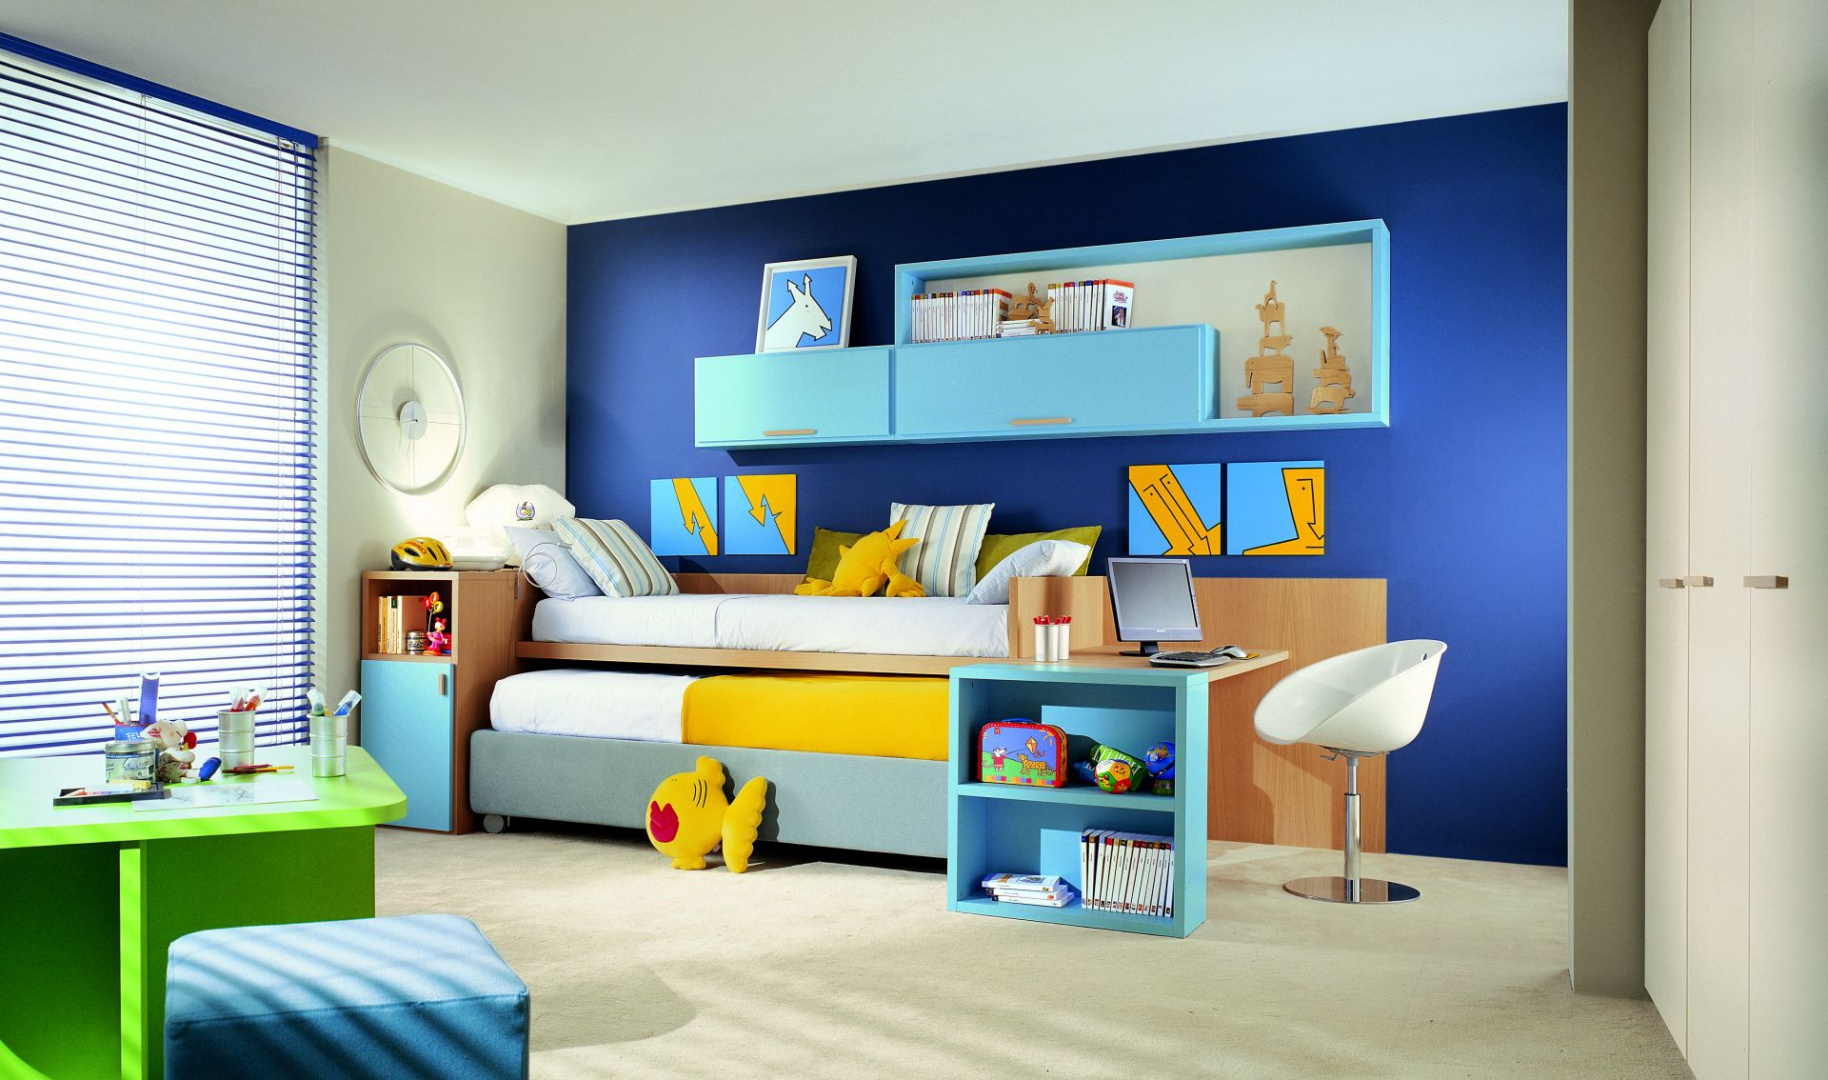 Urządzając pokój dziecka często wykorzystujemy barwy o podobnej tonacji. Po kontrasty sięgamy znacznie rzadziej, a jeśli już - zazwyczaj w formie dodatków. Fot. Dearkids.